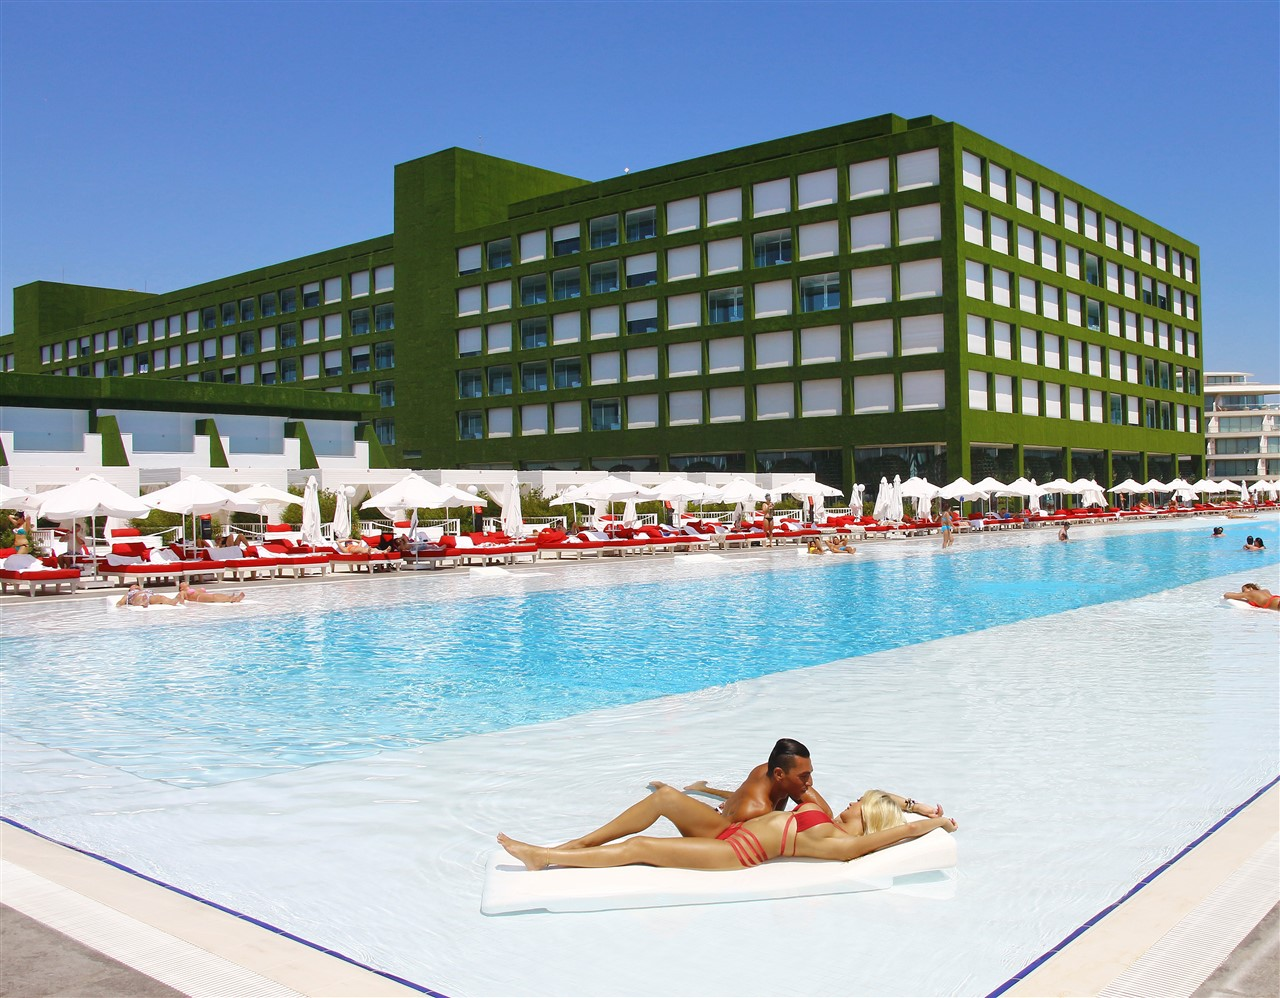 Adam & Eve Hotel - Belek En uygun tatil fiyatları